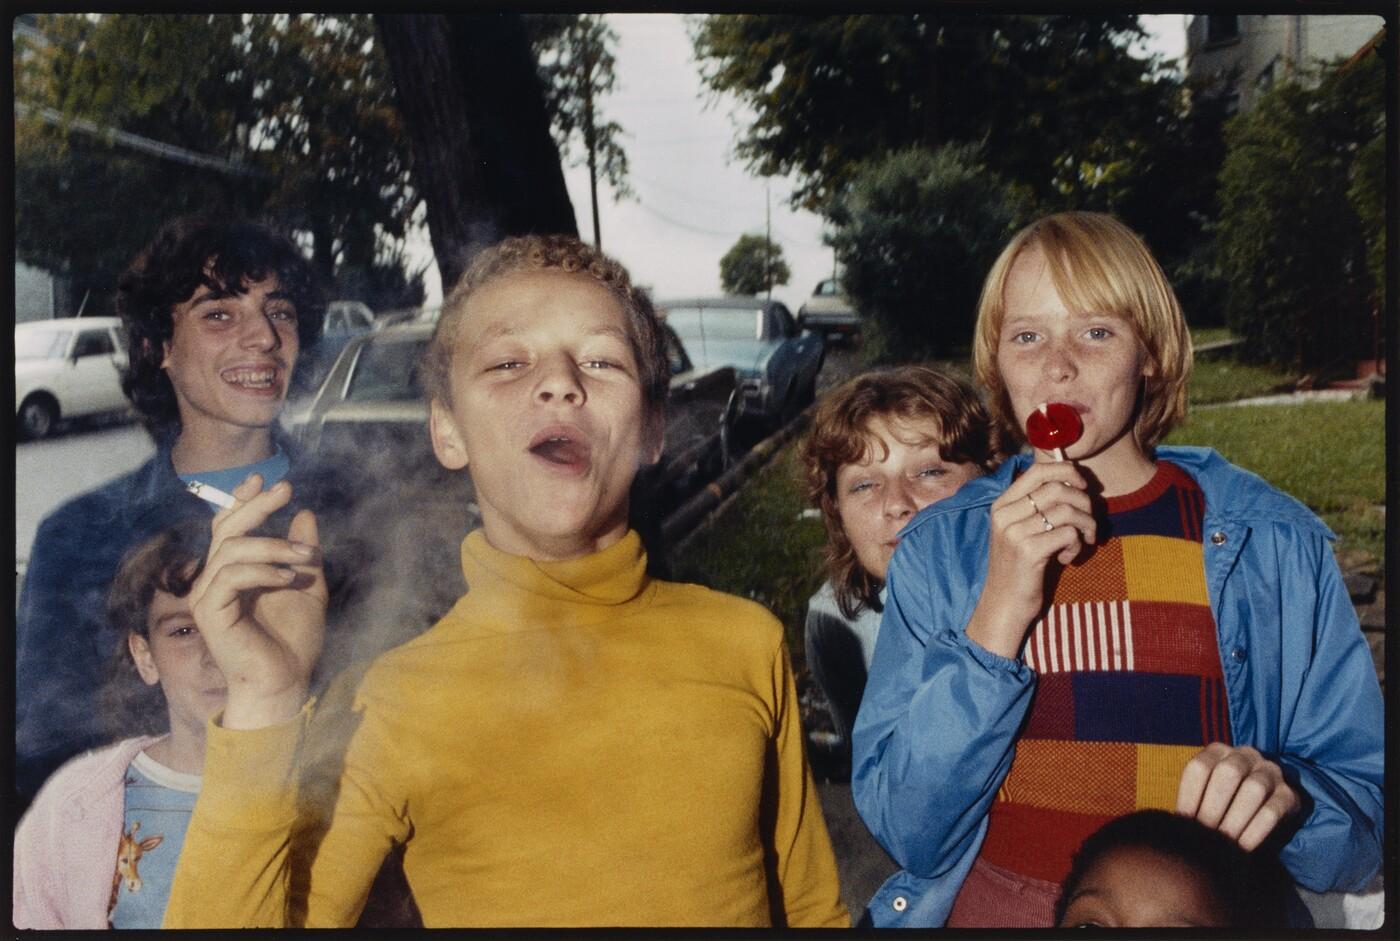 Mark Cohen (b. 1943), Boy in Yellow Shirt Smoking, Scranton, PA, 1977, 2005, Dye coupler print